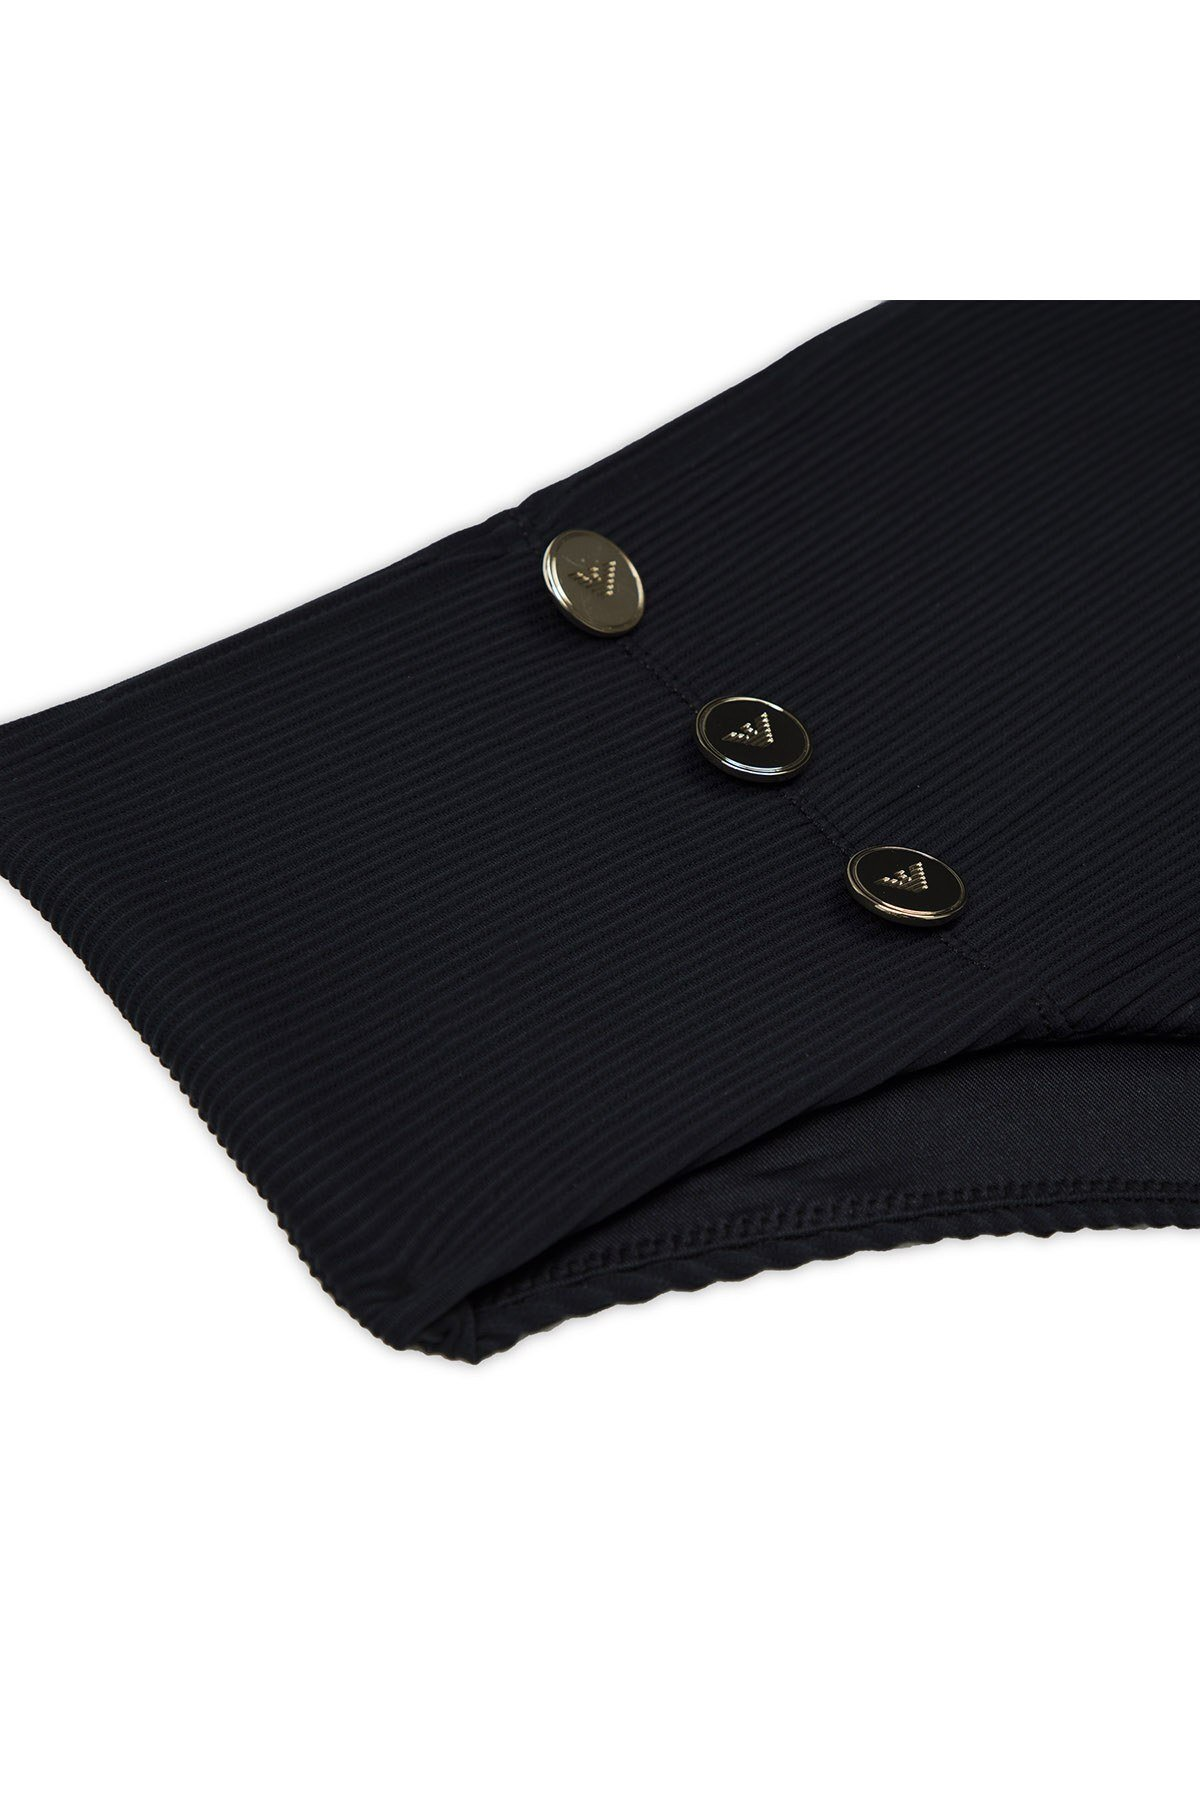 Emporio Armani Düğme Detaylı Yüksek Bel Kadın Bikini 262626 0P307 00020 SİYAH